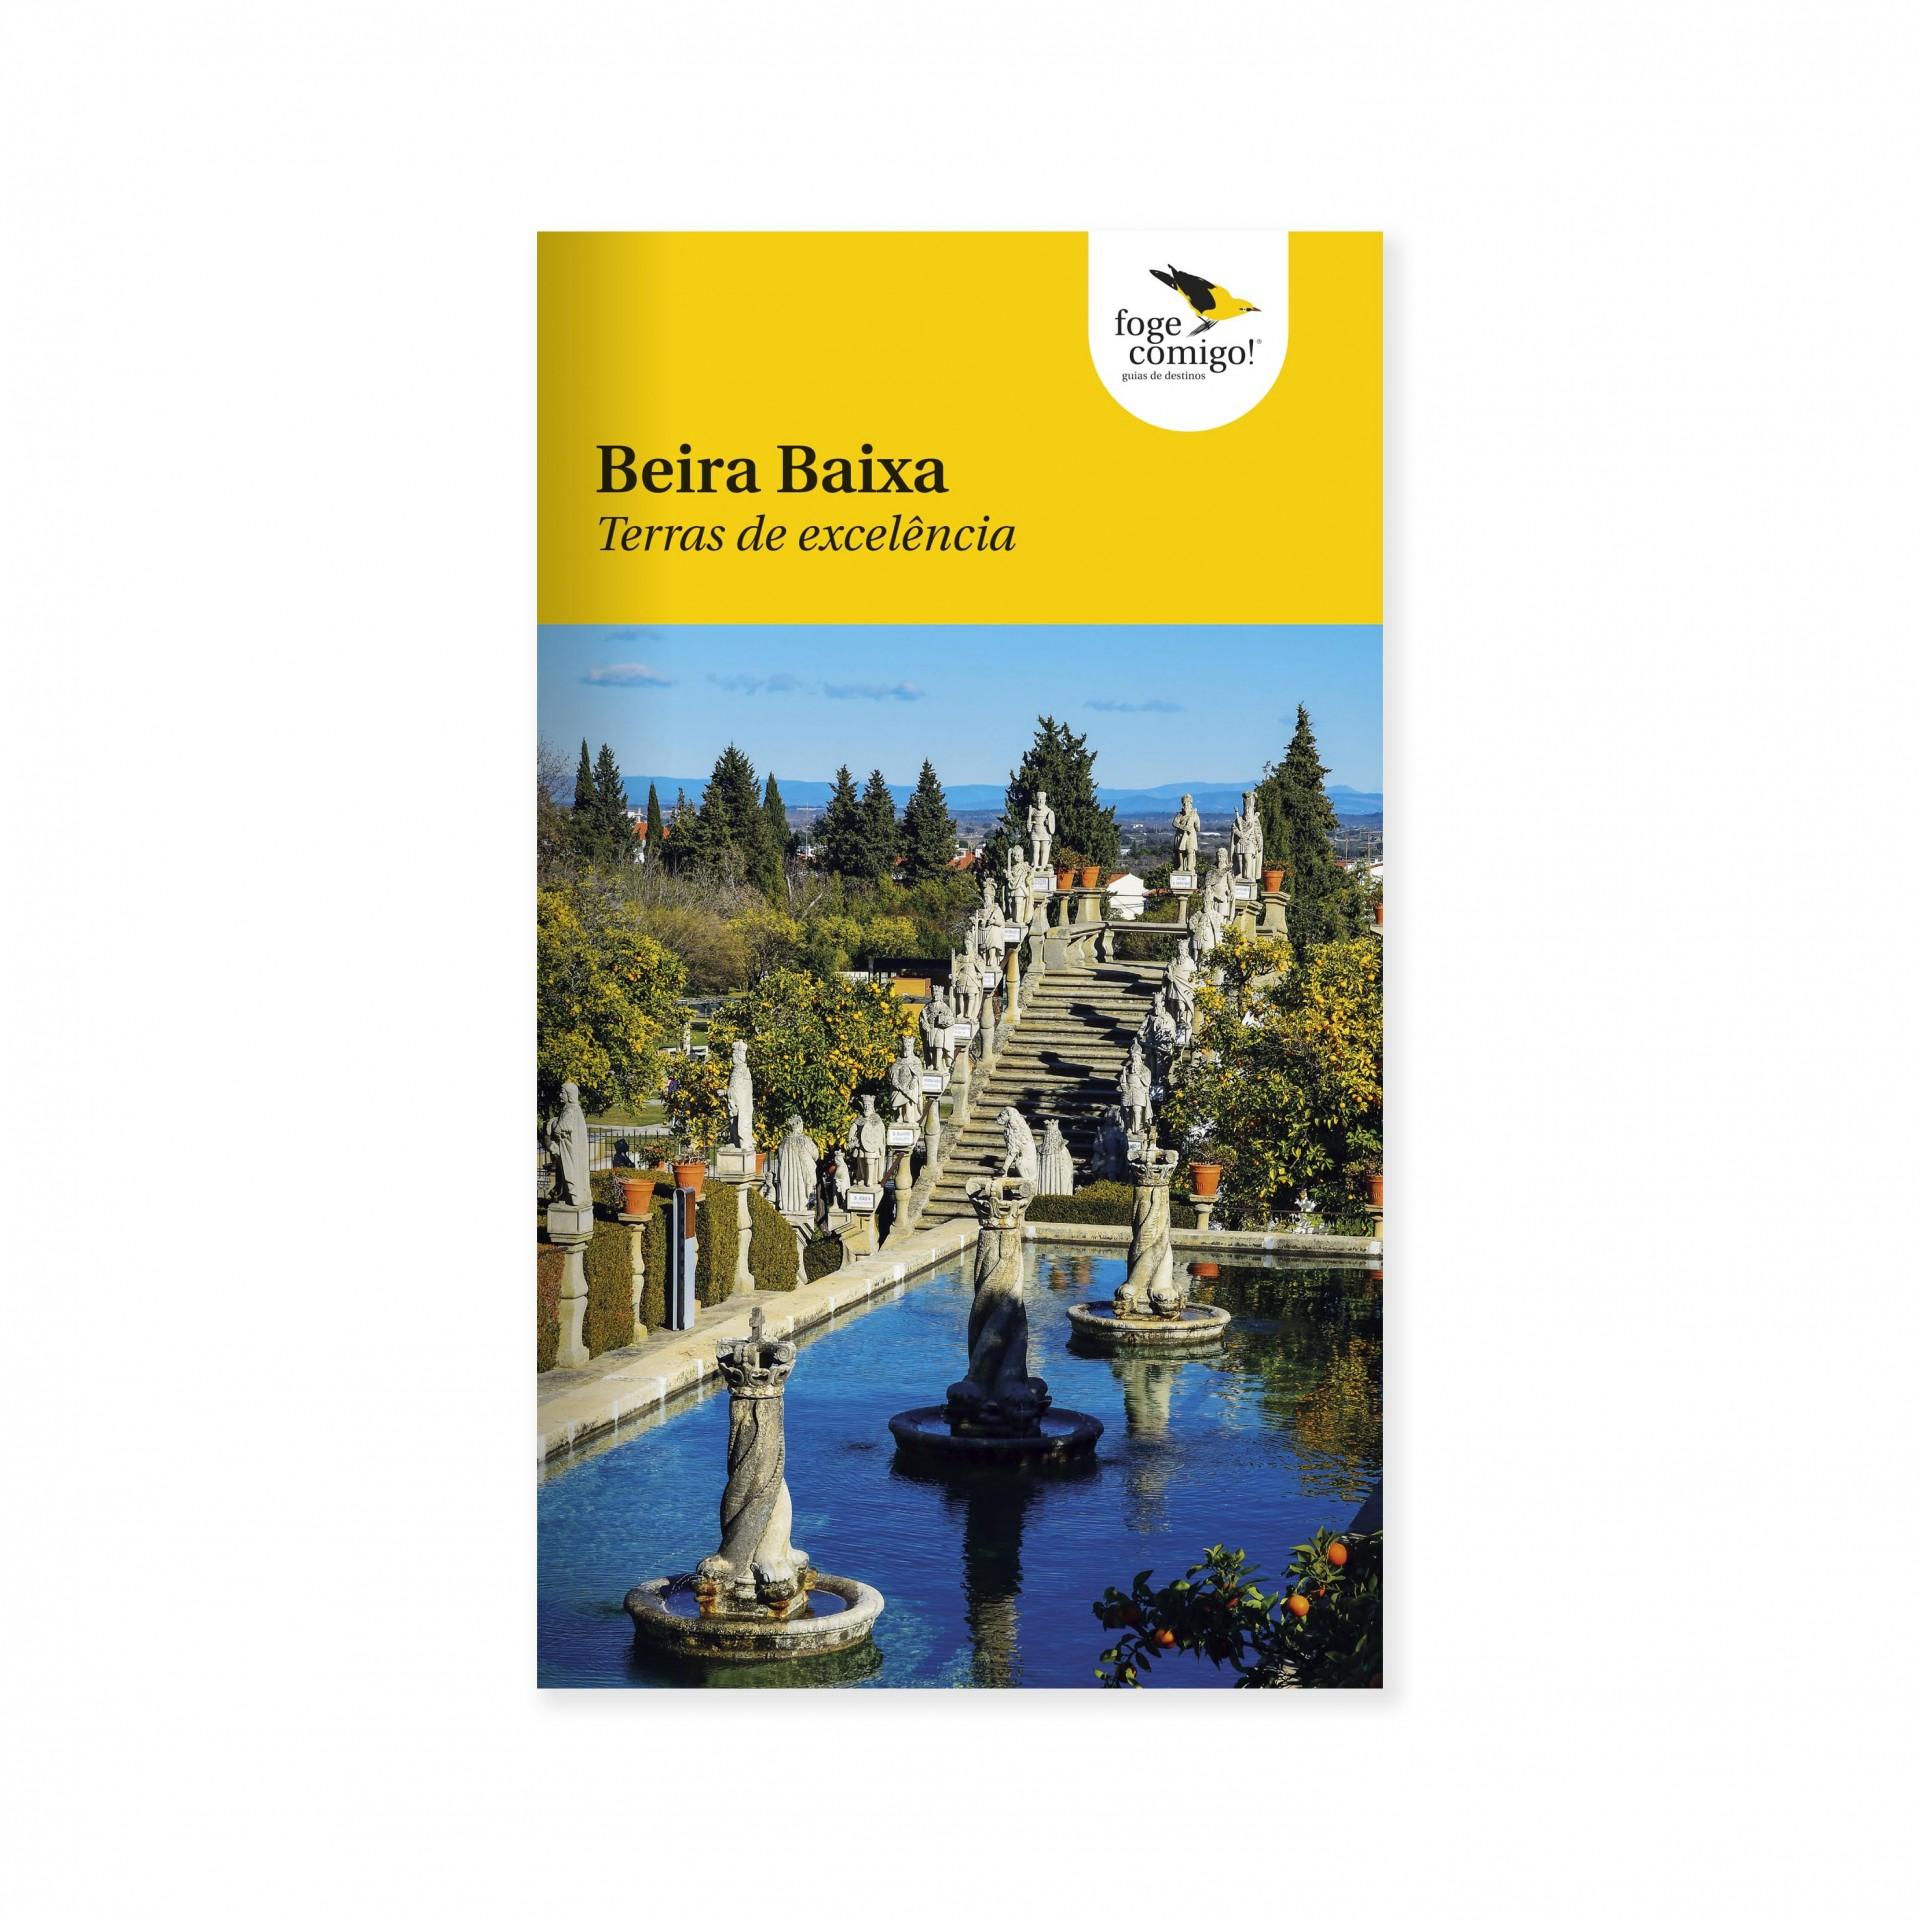 Beira Baixa: Terras de Excelencia